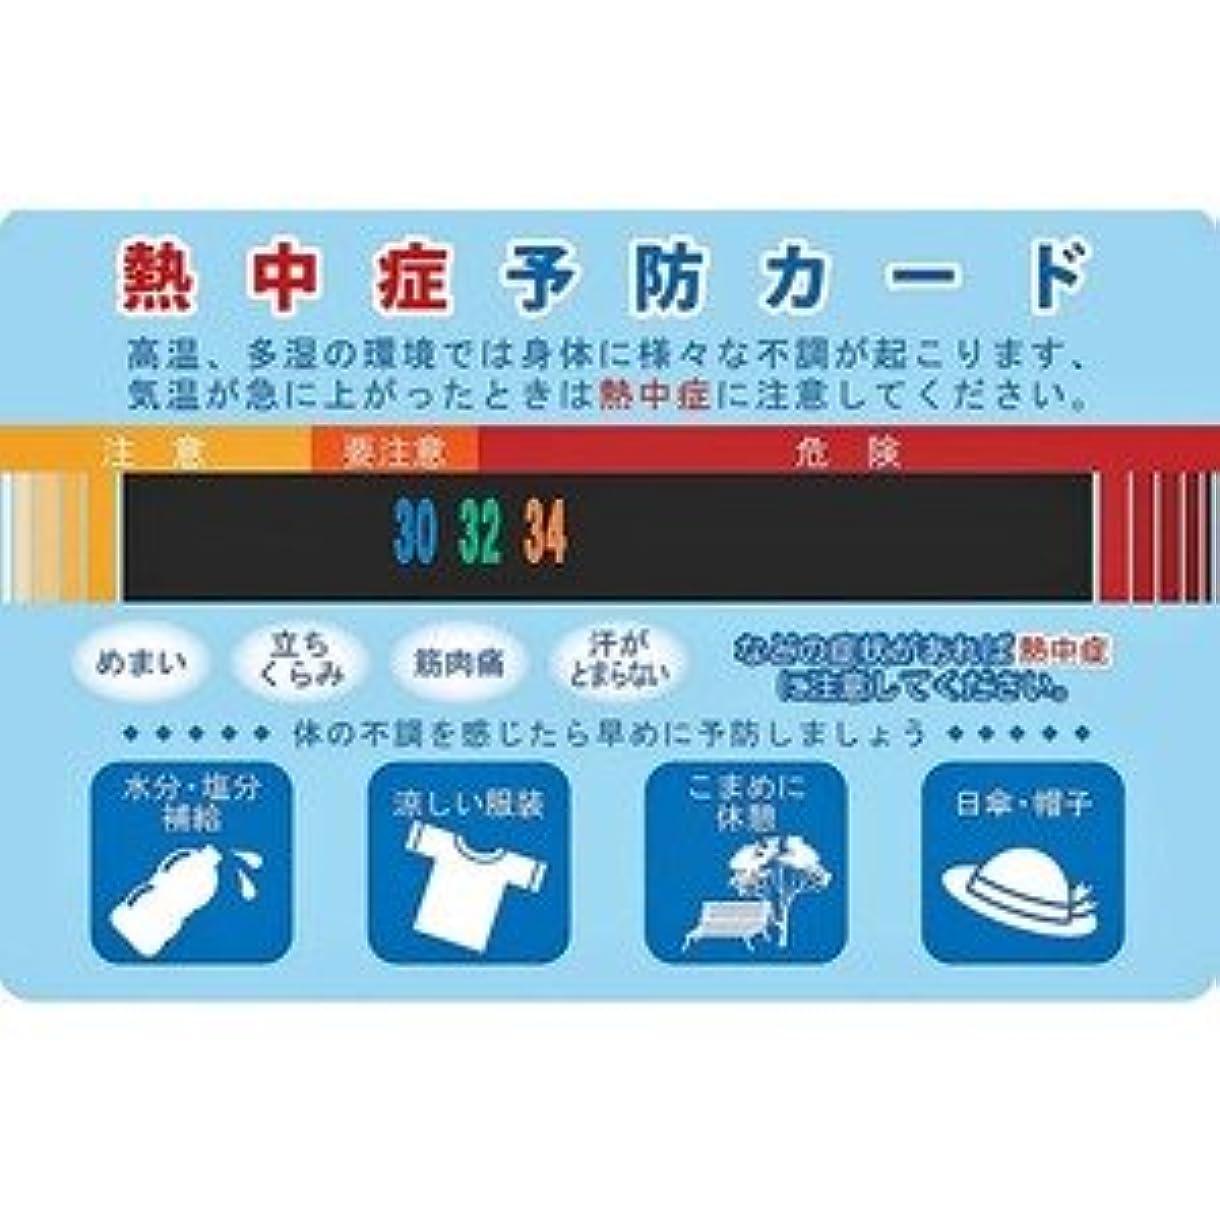 お誕生日サーキュレーションメガロポリス熱中症予防カード?NE1 【100枚セット】 熱中症対策